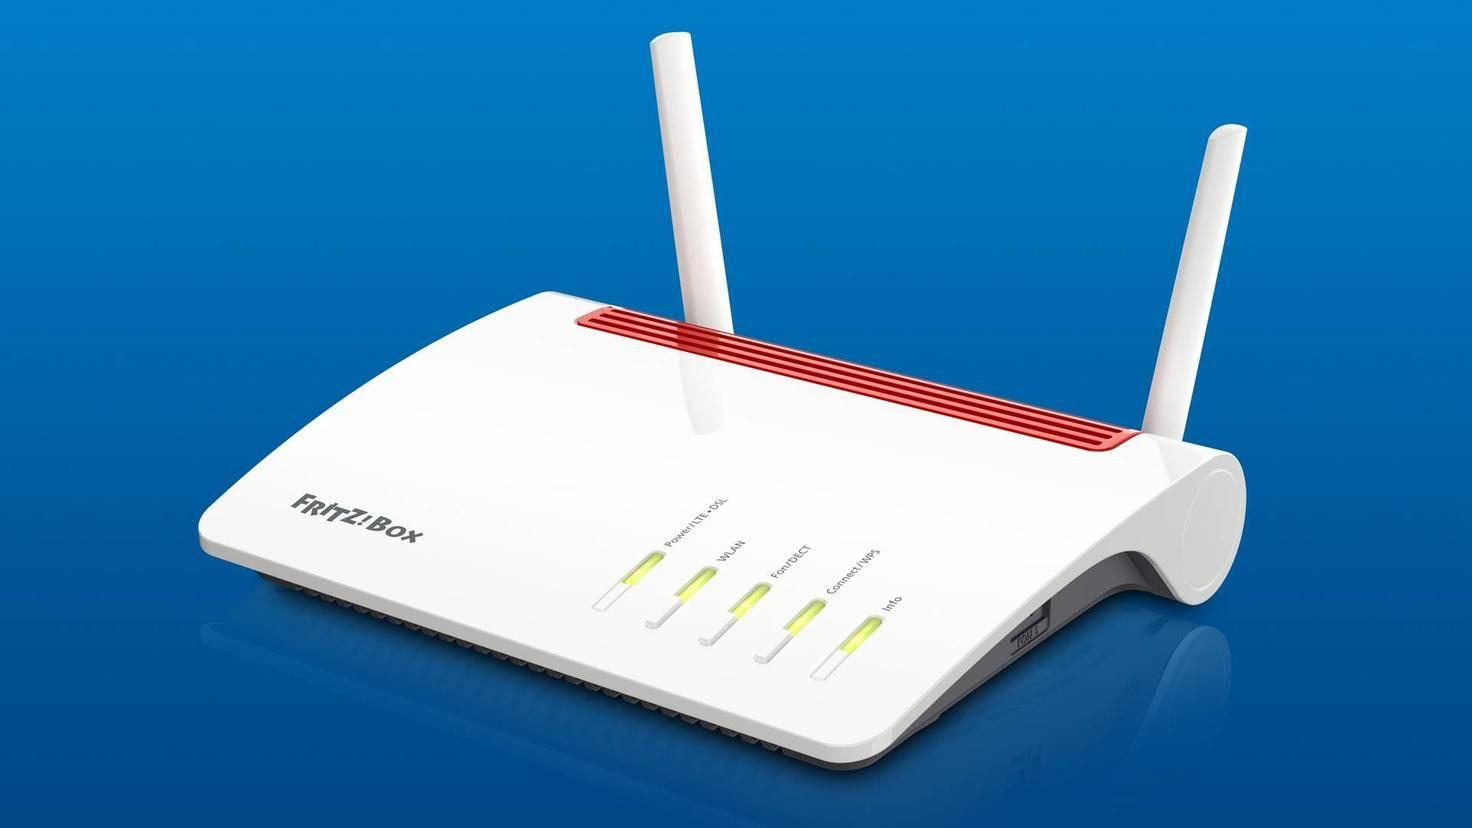 Die Fritzbox 6890 LTE ist eigentlich ein VDSL-Router mit LTE-Funktion.